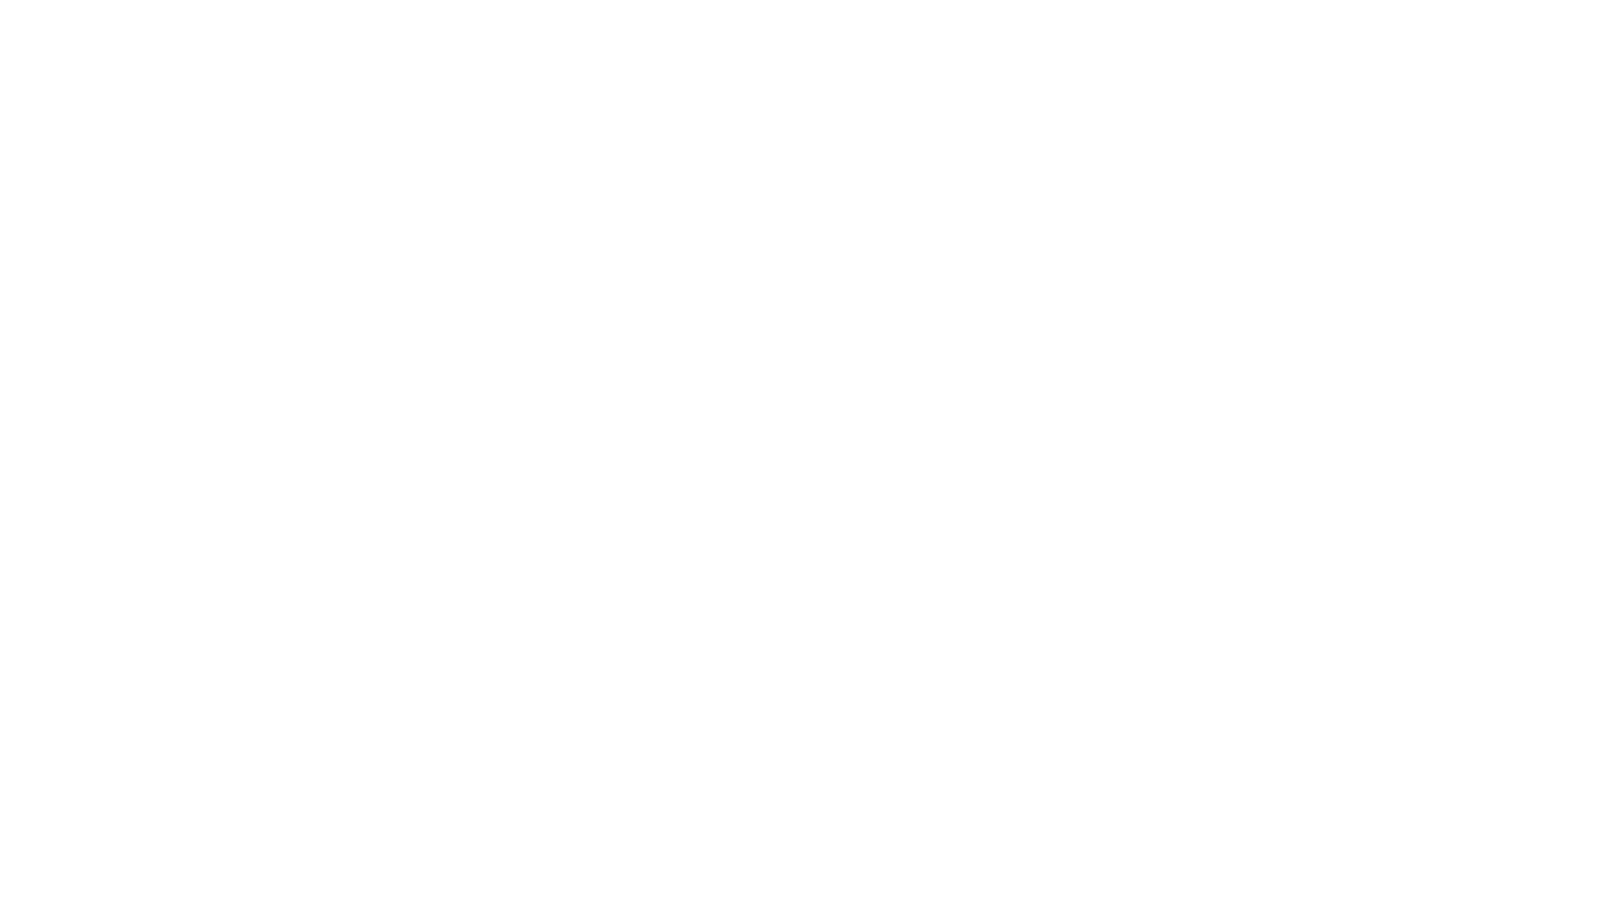 In piazza Bra, davanti all'Arena, le persone continuano a mettersi in fila per entrare all'interno dell'Anfiteatro, ma per il momento da dentro proviene solo un assordante silenzio. Rischia infatti di saltare la programmazione dell'Aida, come conseguenza dello sciopero indetto per oggi, in via Roma, proprio sotto la sede di Fondazione Arena di Verona.